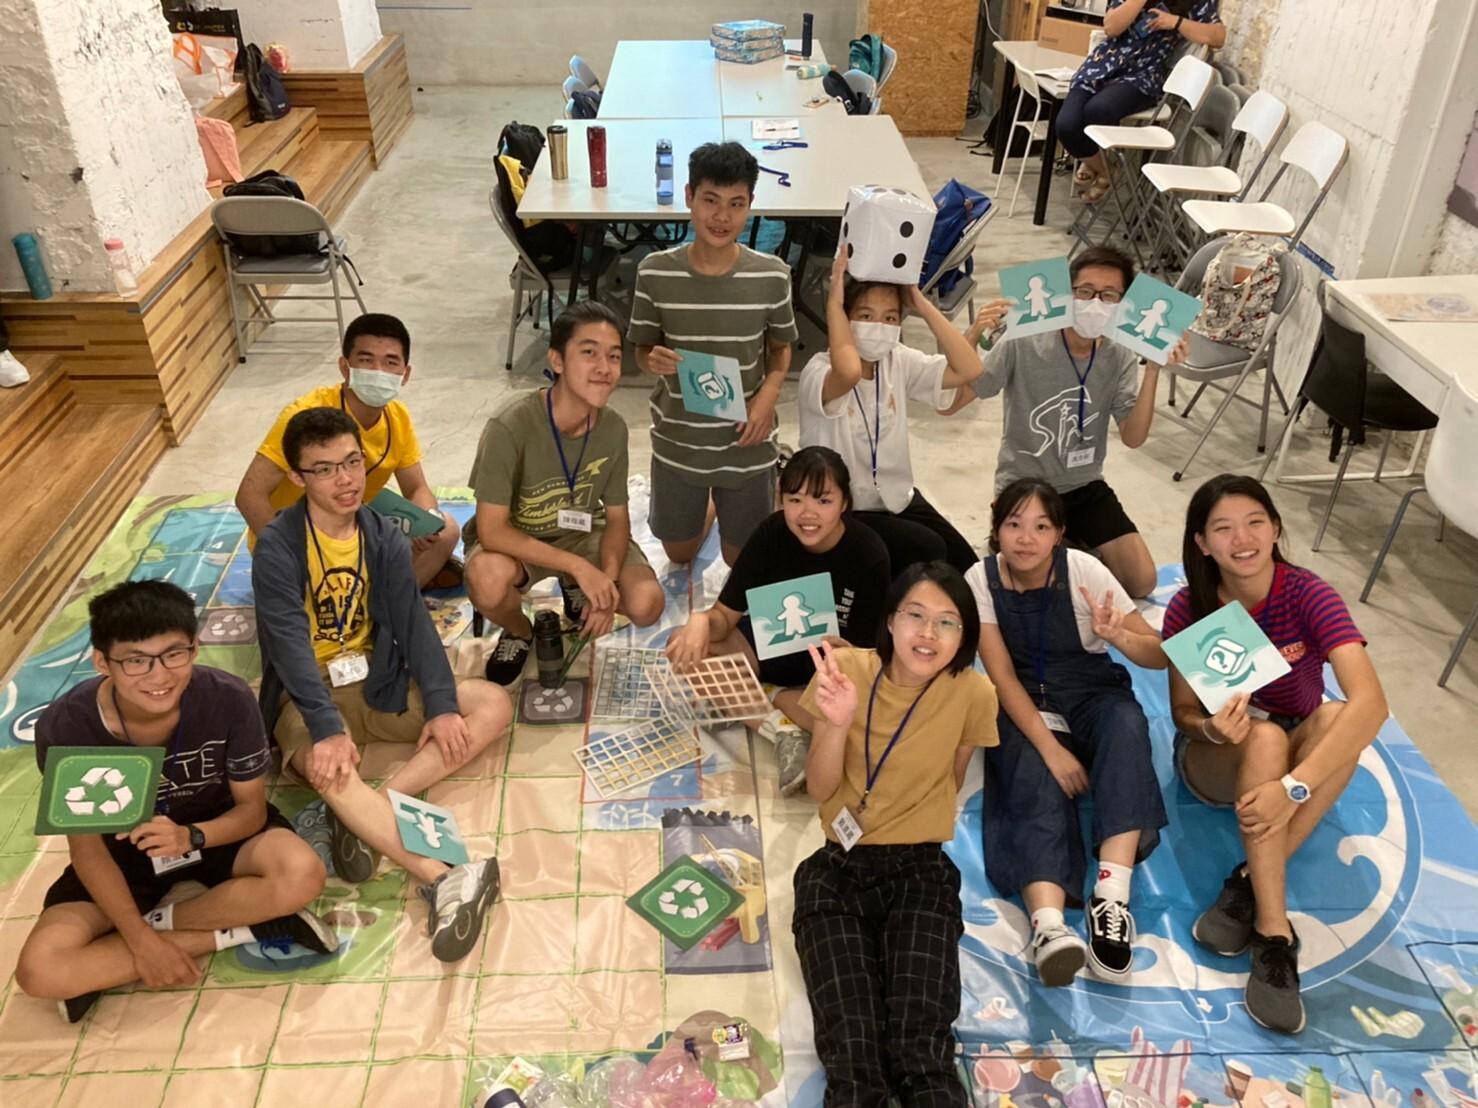 同學們一起玩《海洋危機》桌遊,以寓教於樂的方式關心珍貴海洋。